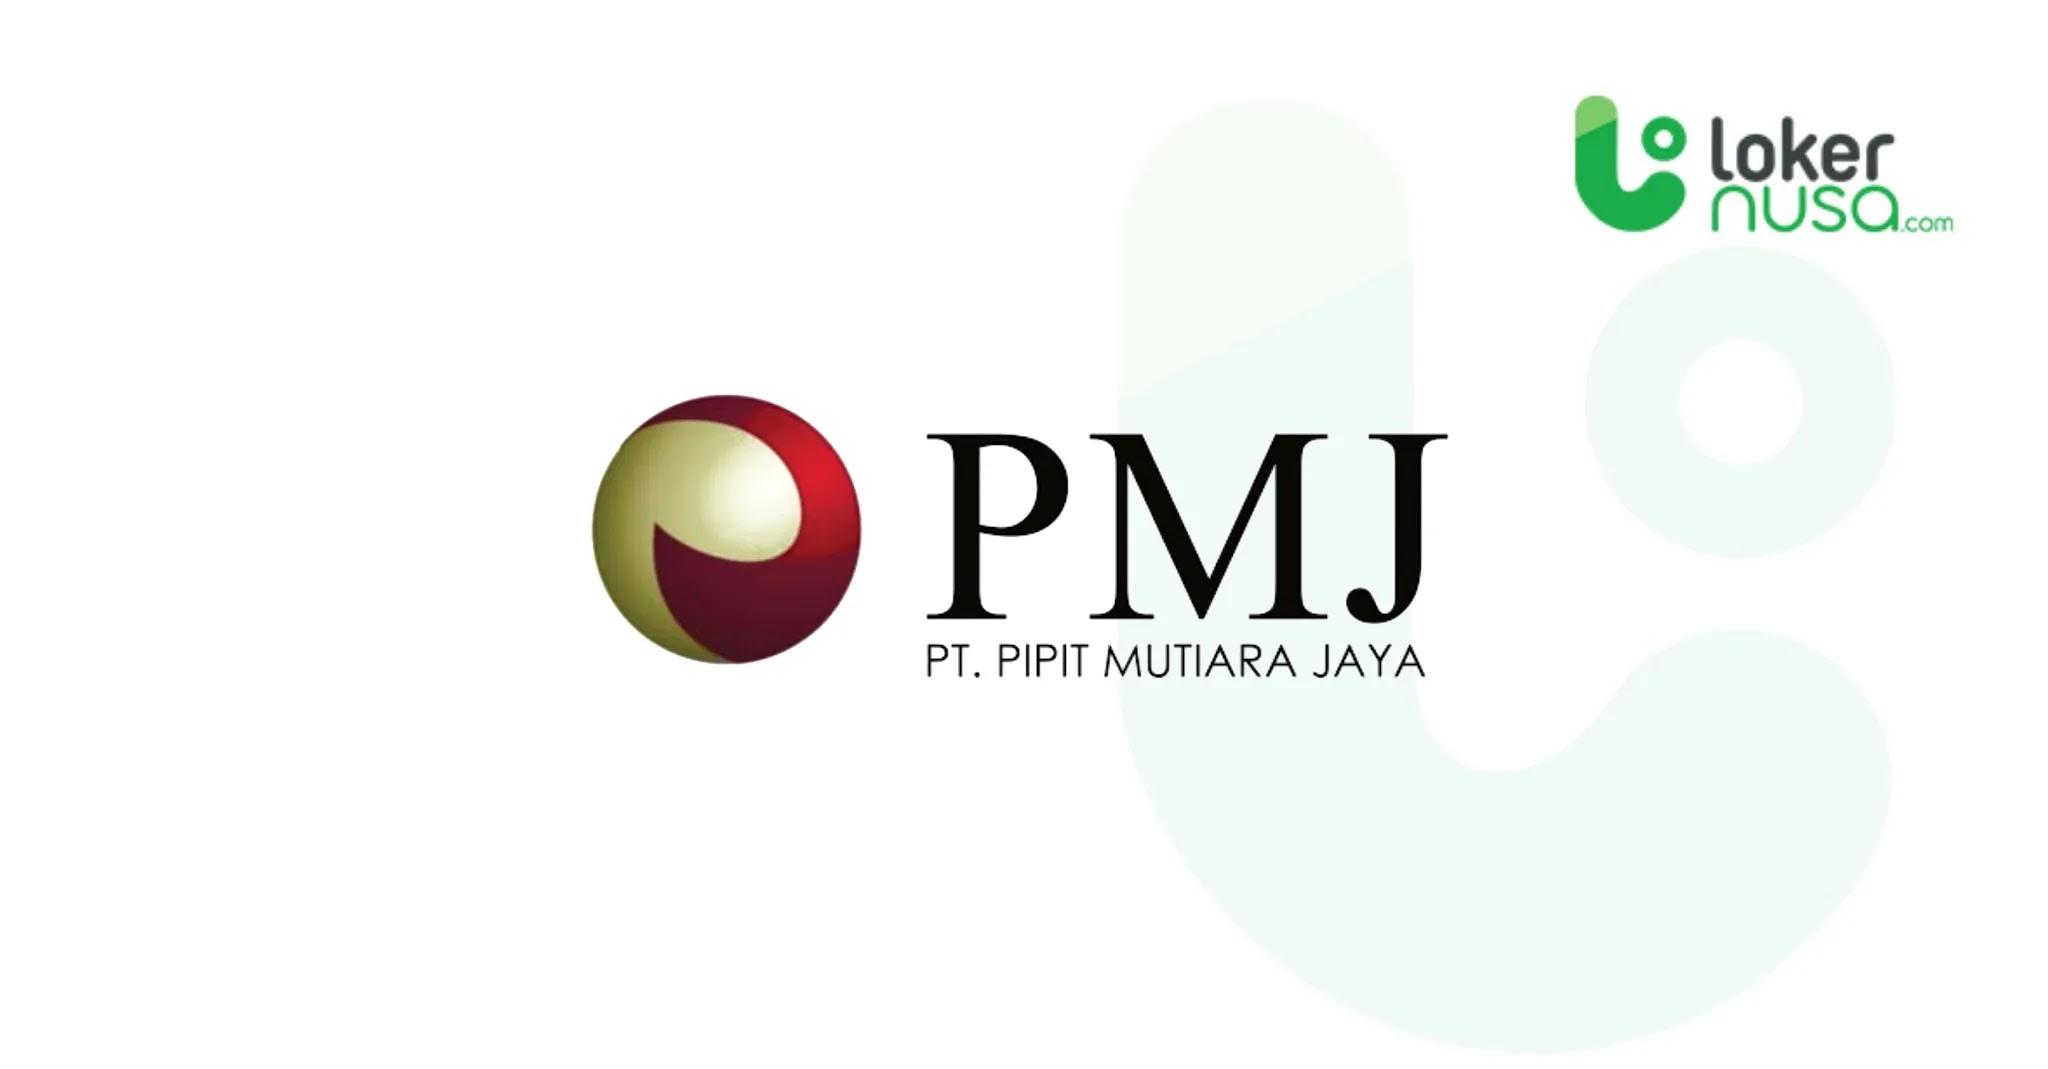 Lowongan kerja medis terbaru kali ini berasal dari perusahaan PT Pipit Mutiara Jaya.